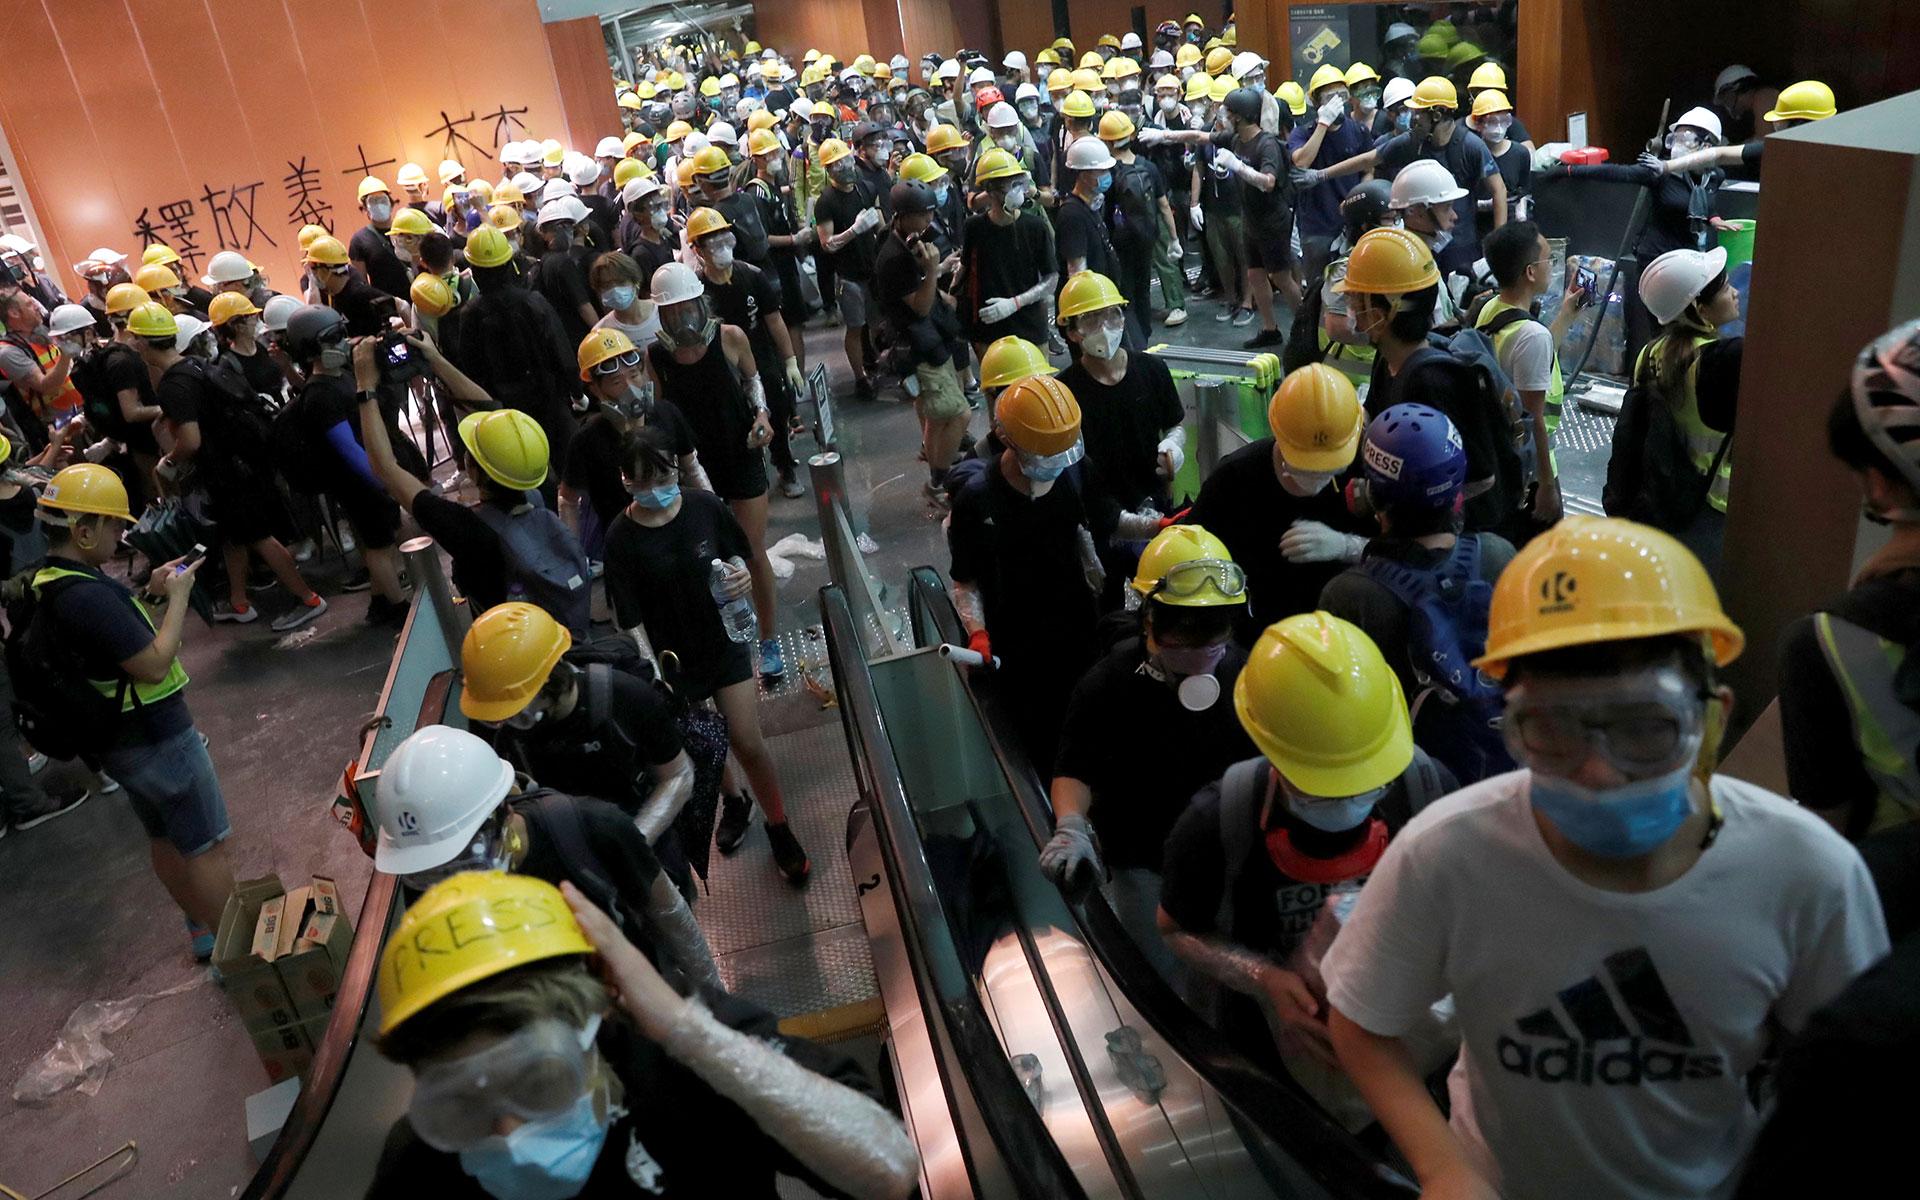 Los manifestantes irrumpen en el edificio del Consejo Legislativo durante el aniversario de la entrega de Hong Kong a China. (Reuters / Tyrone Siu)